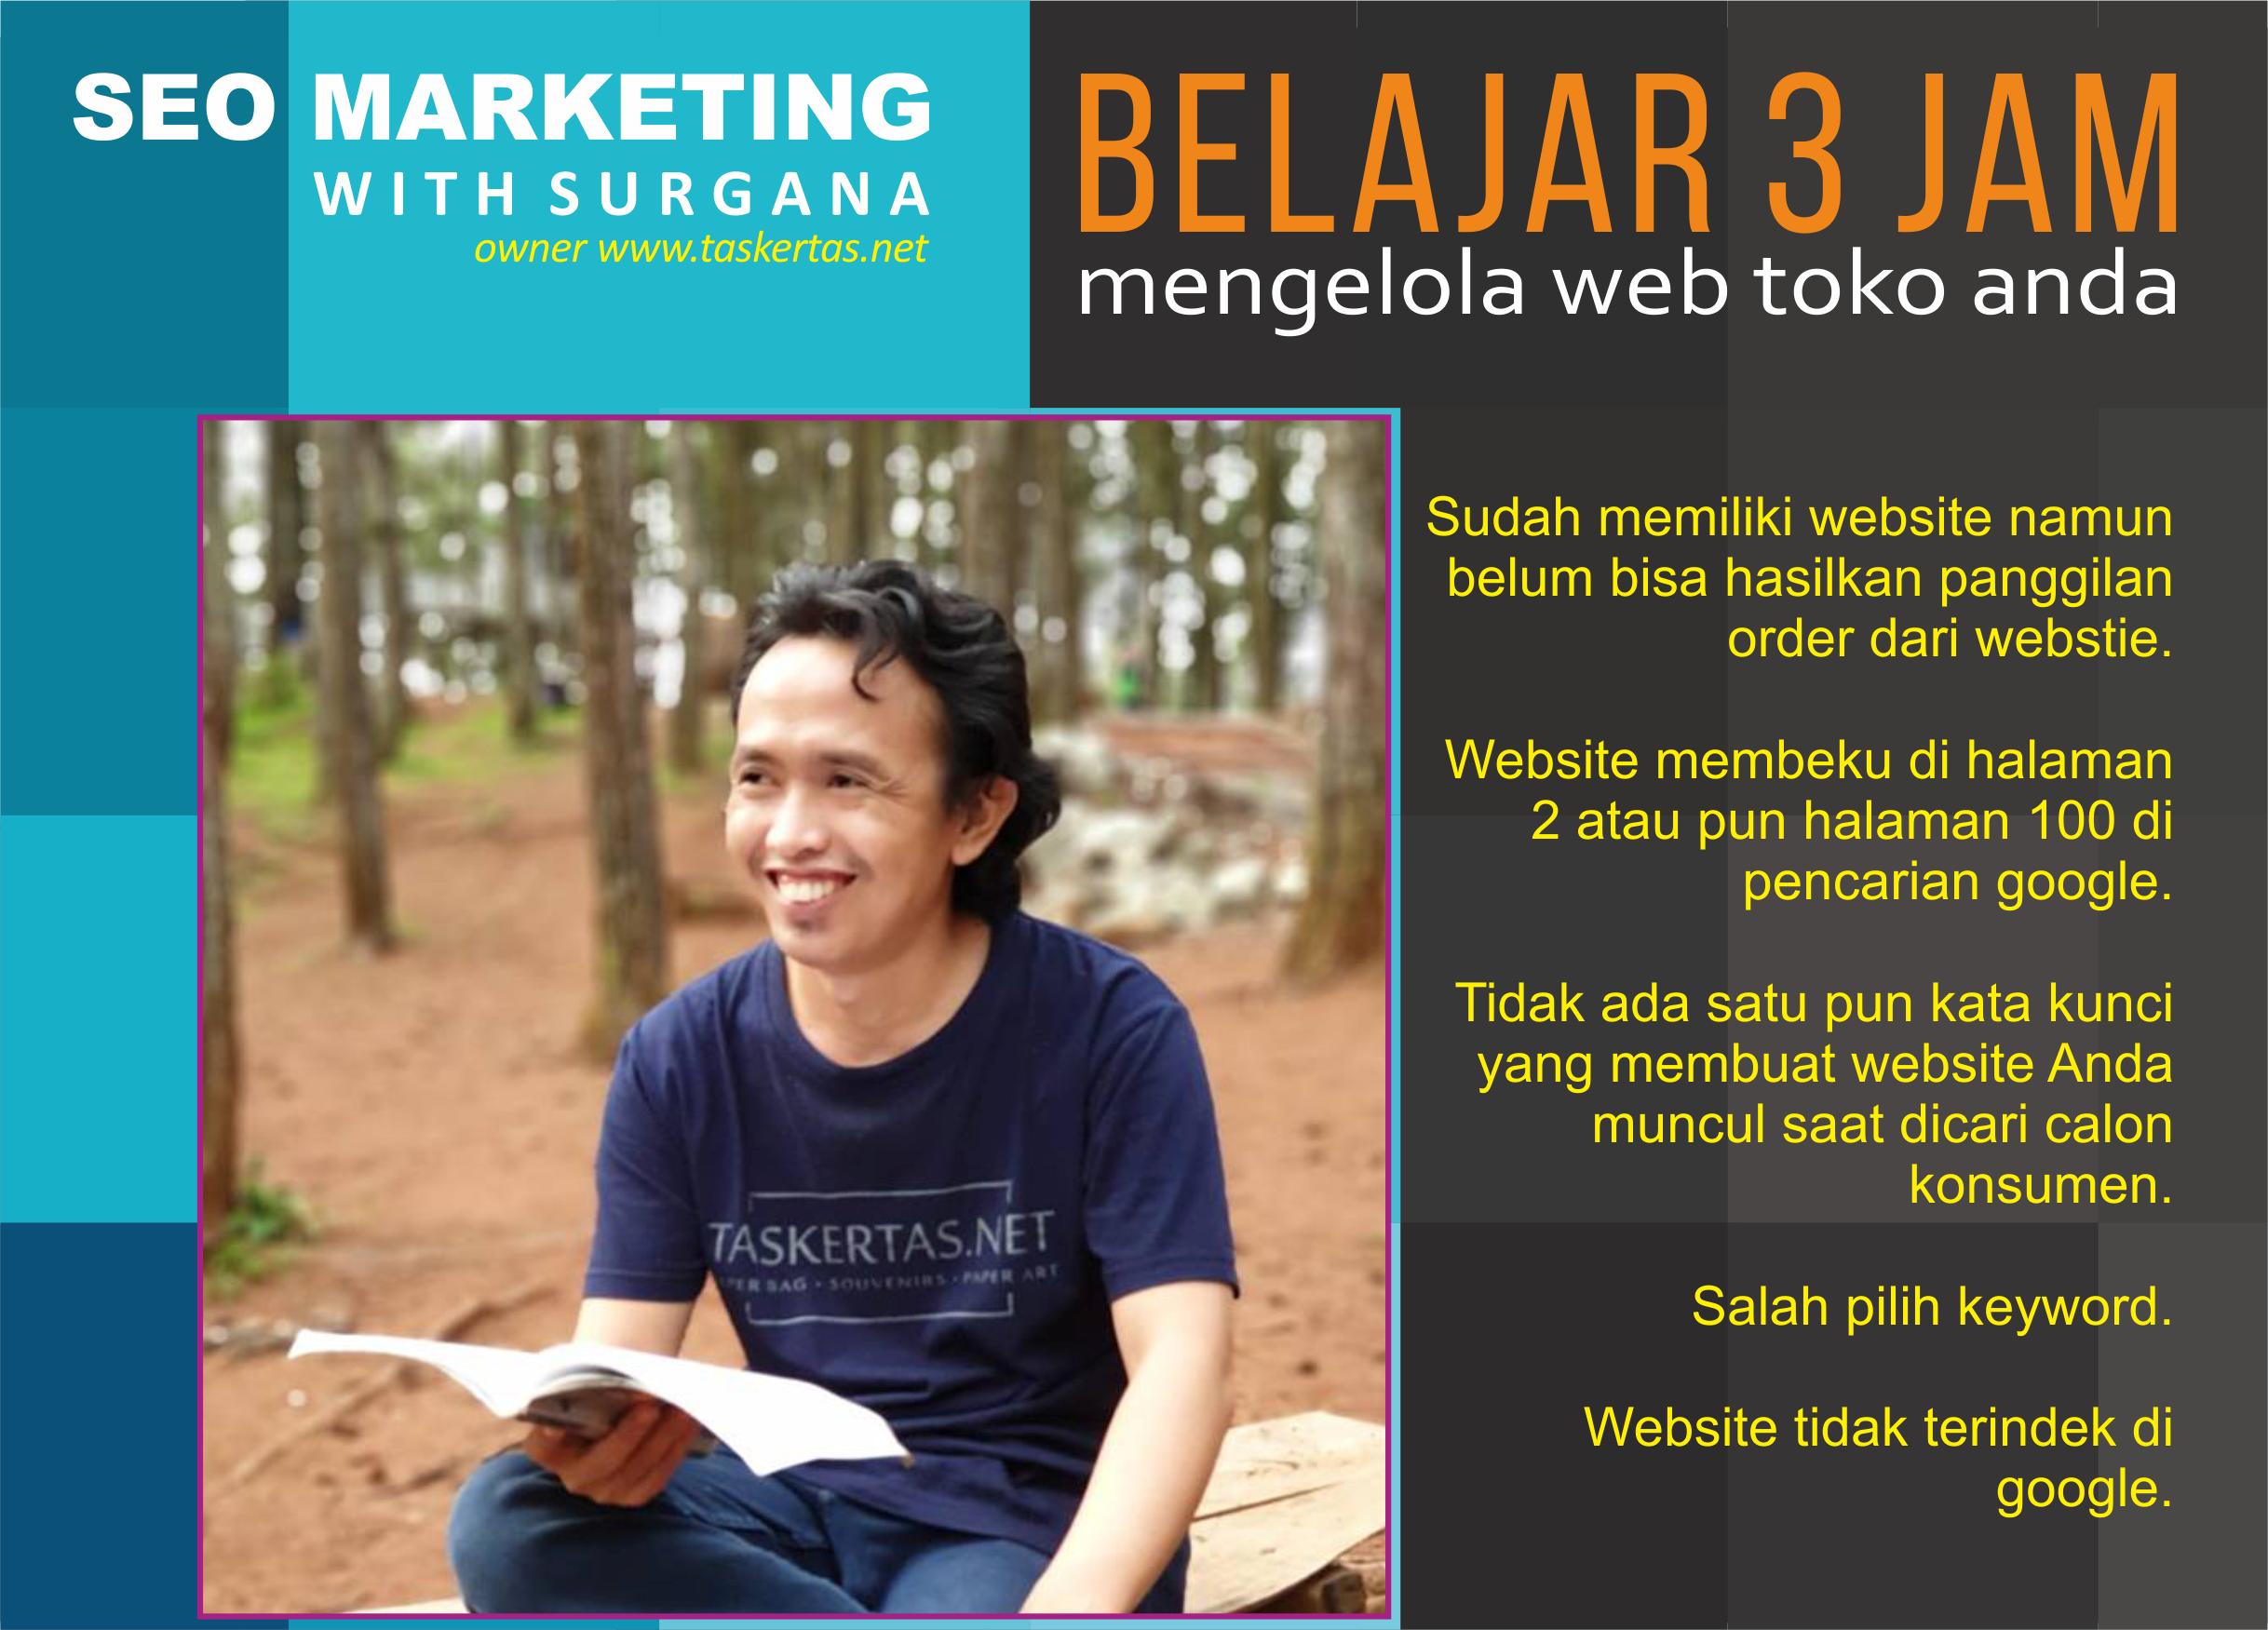 bisnis website SEO